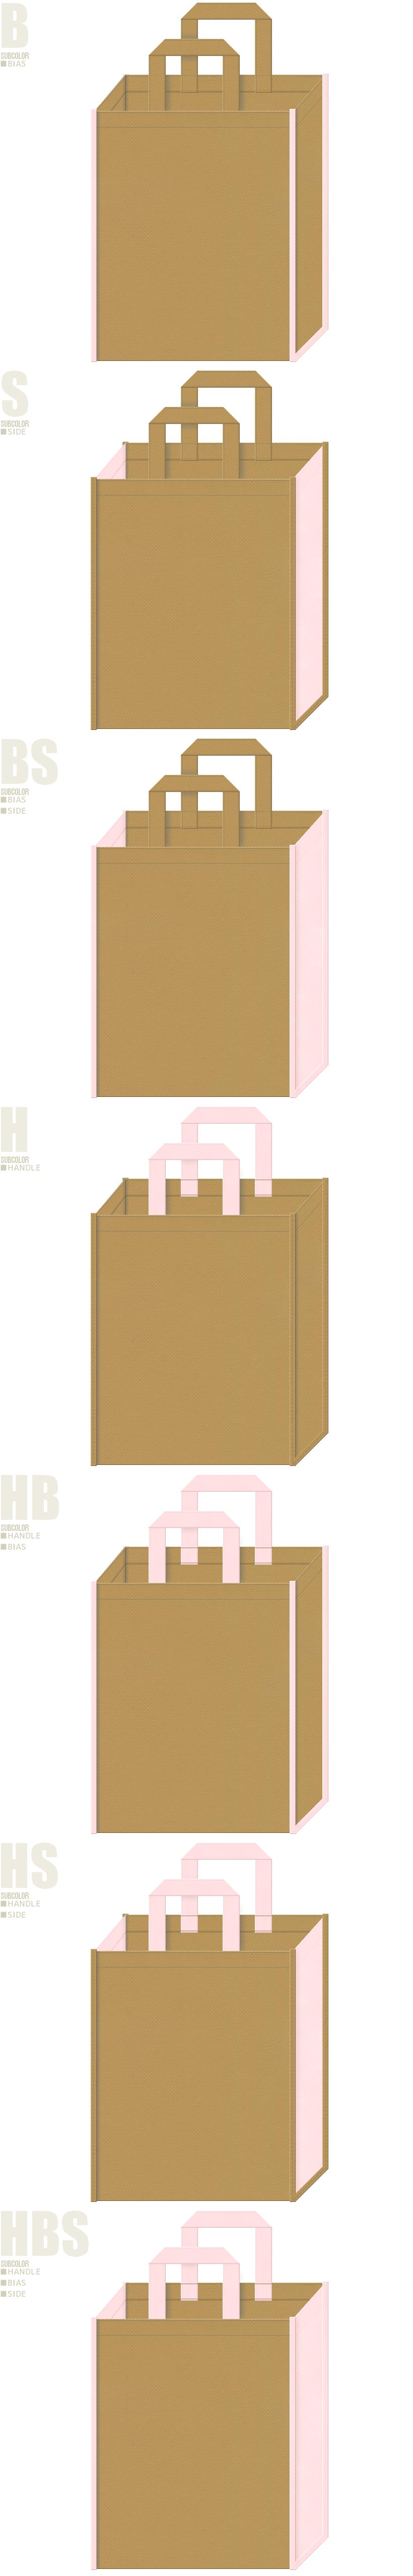 ペットショップ・ペットサロン・アニマルケア・ペット用品の展示会用バッグにお奨めの不織布バッグデザイン:金黄土色と桜色の配色7パターン。